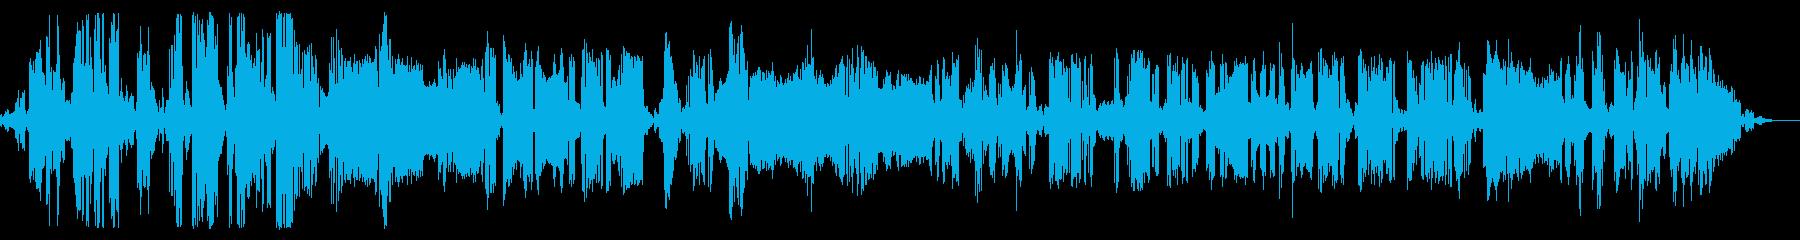 ロボットの声、機械のギブリッシュ、...の再生済みの波形